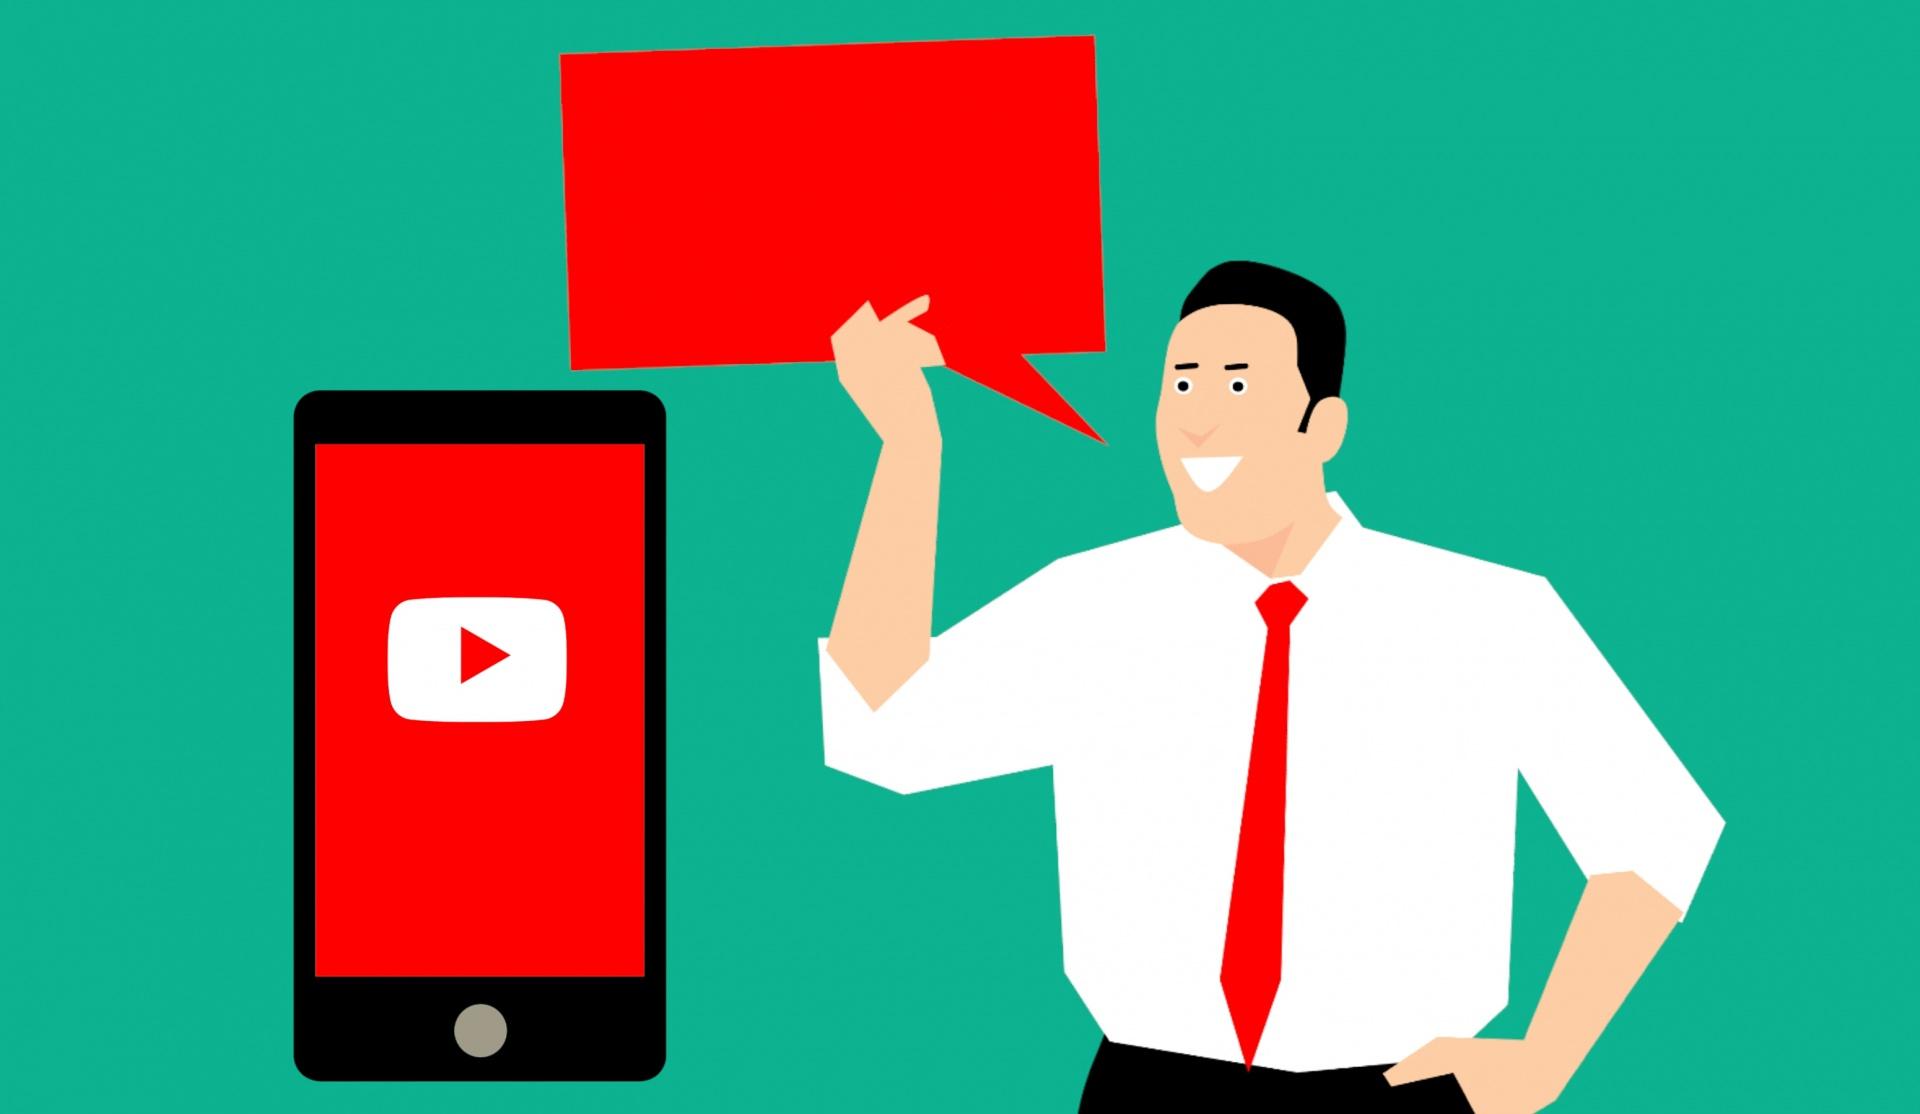 Cena YouTube reklám